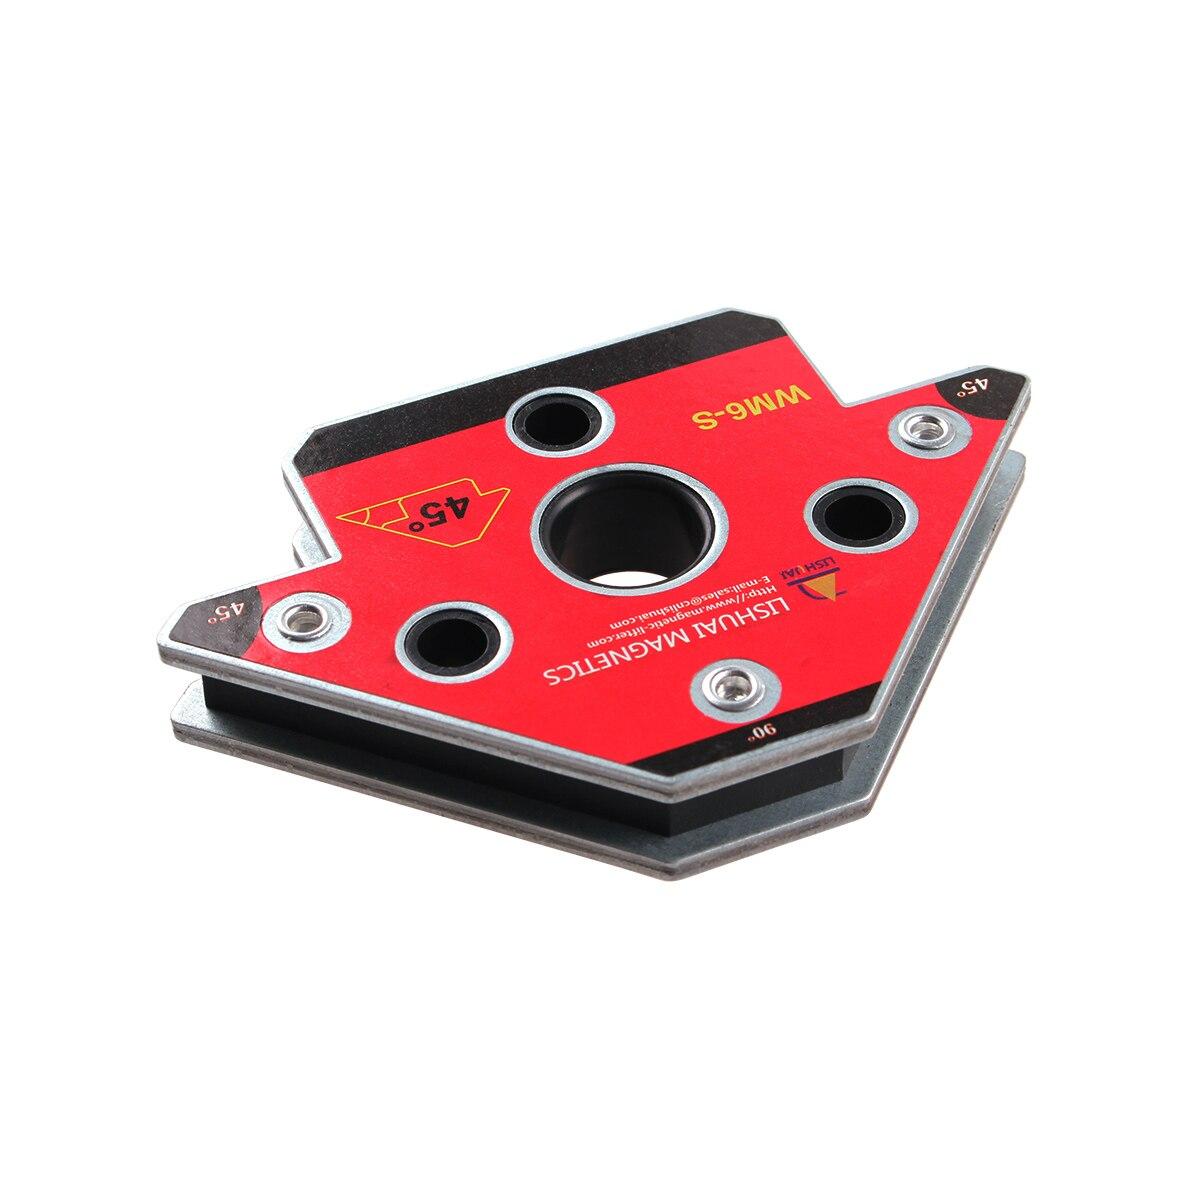 home improvement : Portable mobile Spot welding machine GUN handheld Spot WELDER GUN FREE SHIPPING